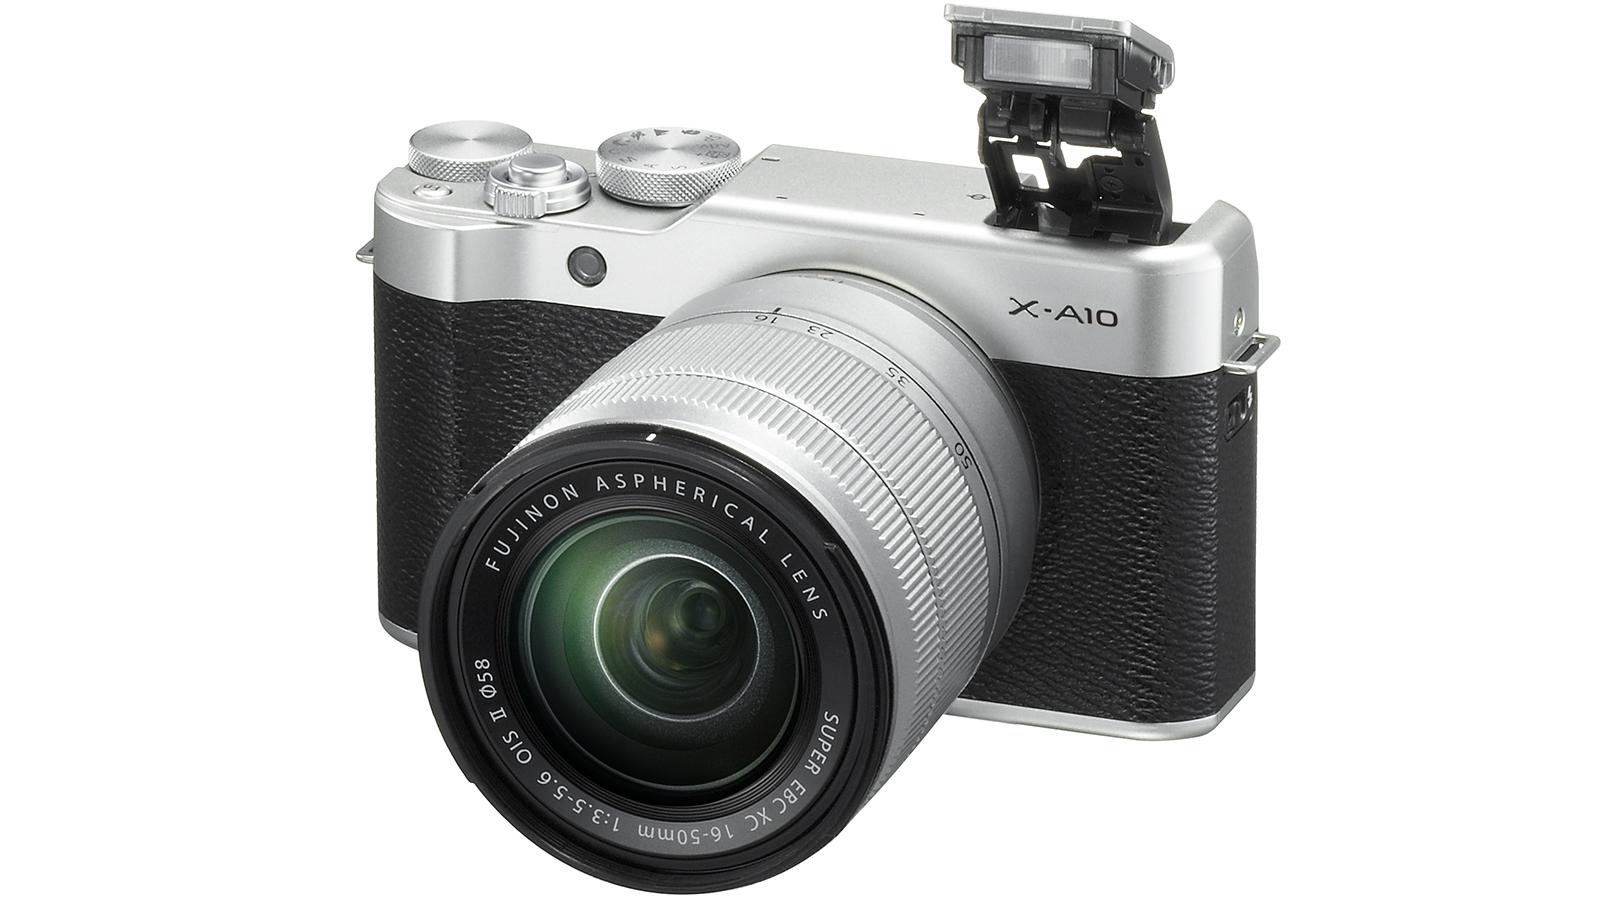 Nüüd saadaval: Fujifilm X-A10 hübriidkaamera